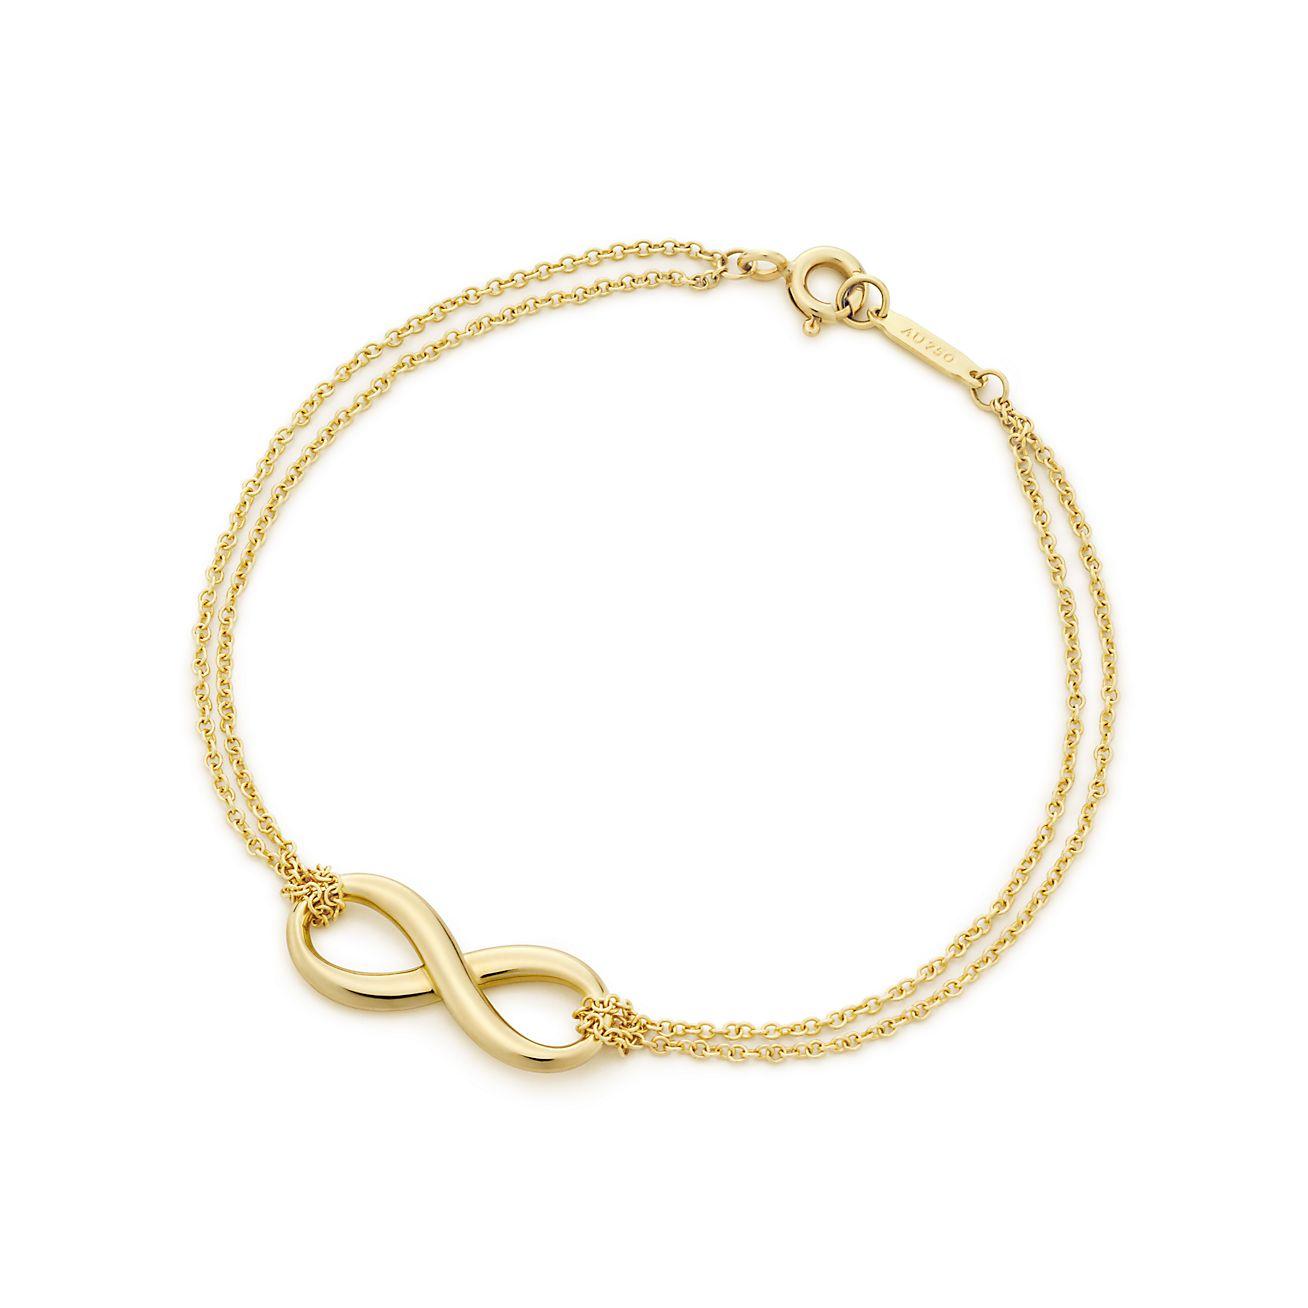 Infinity Bracelet in 18K Gold | Tiffany & Co.